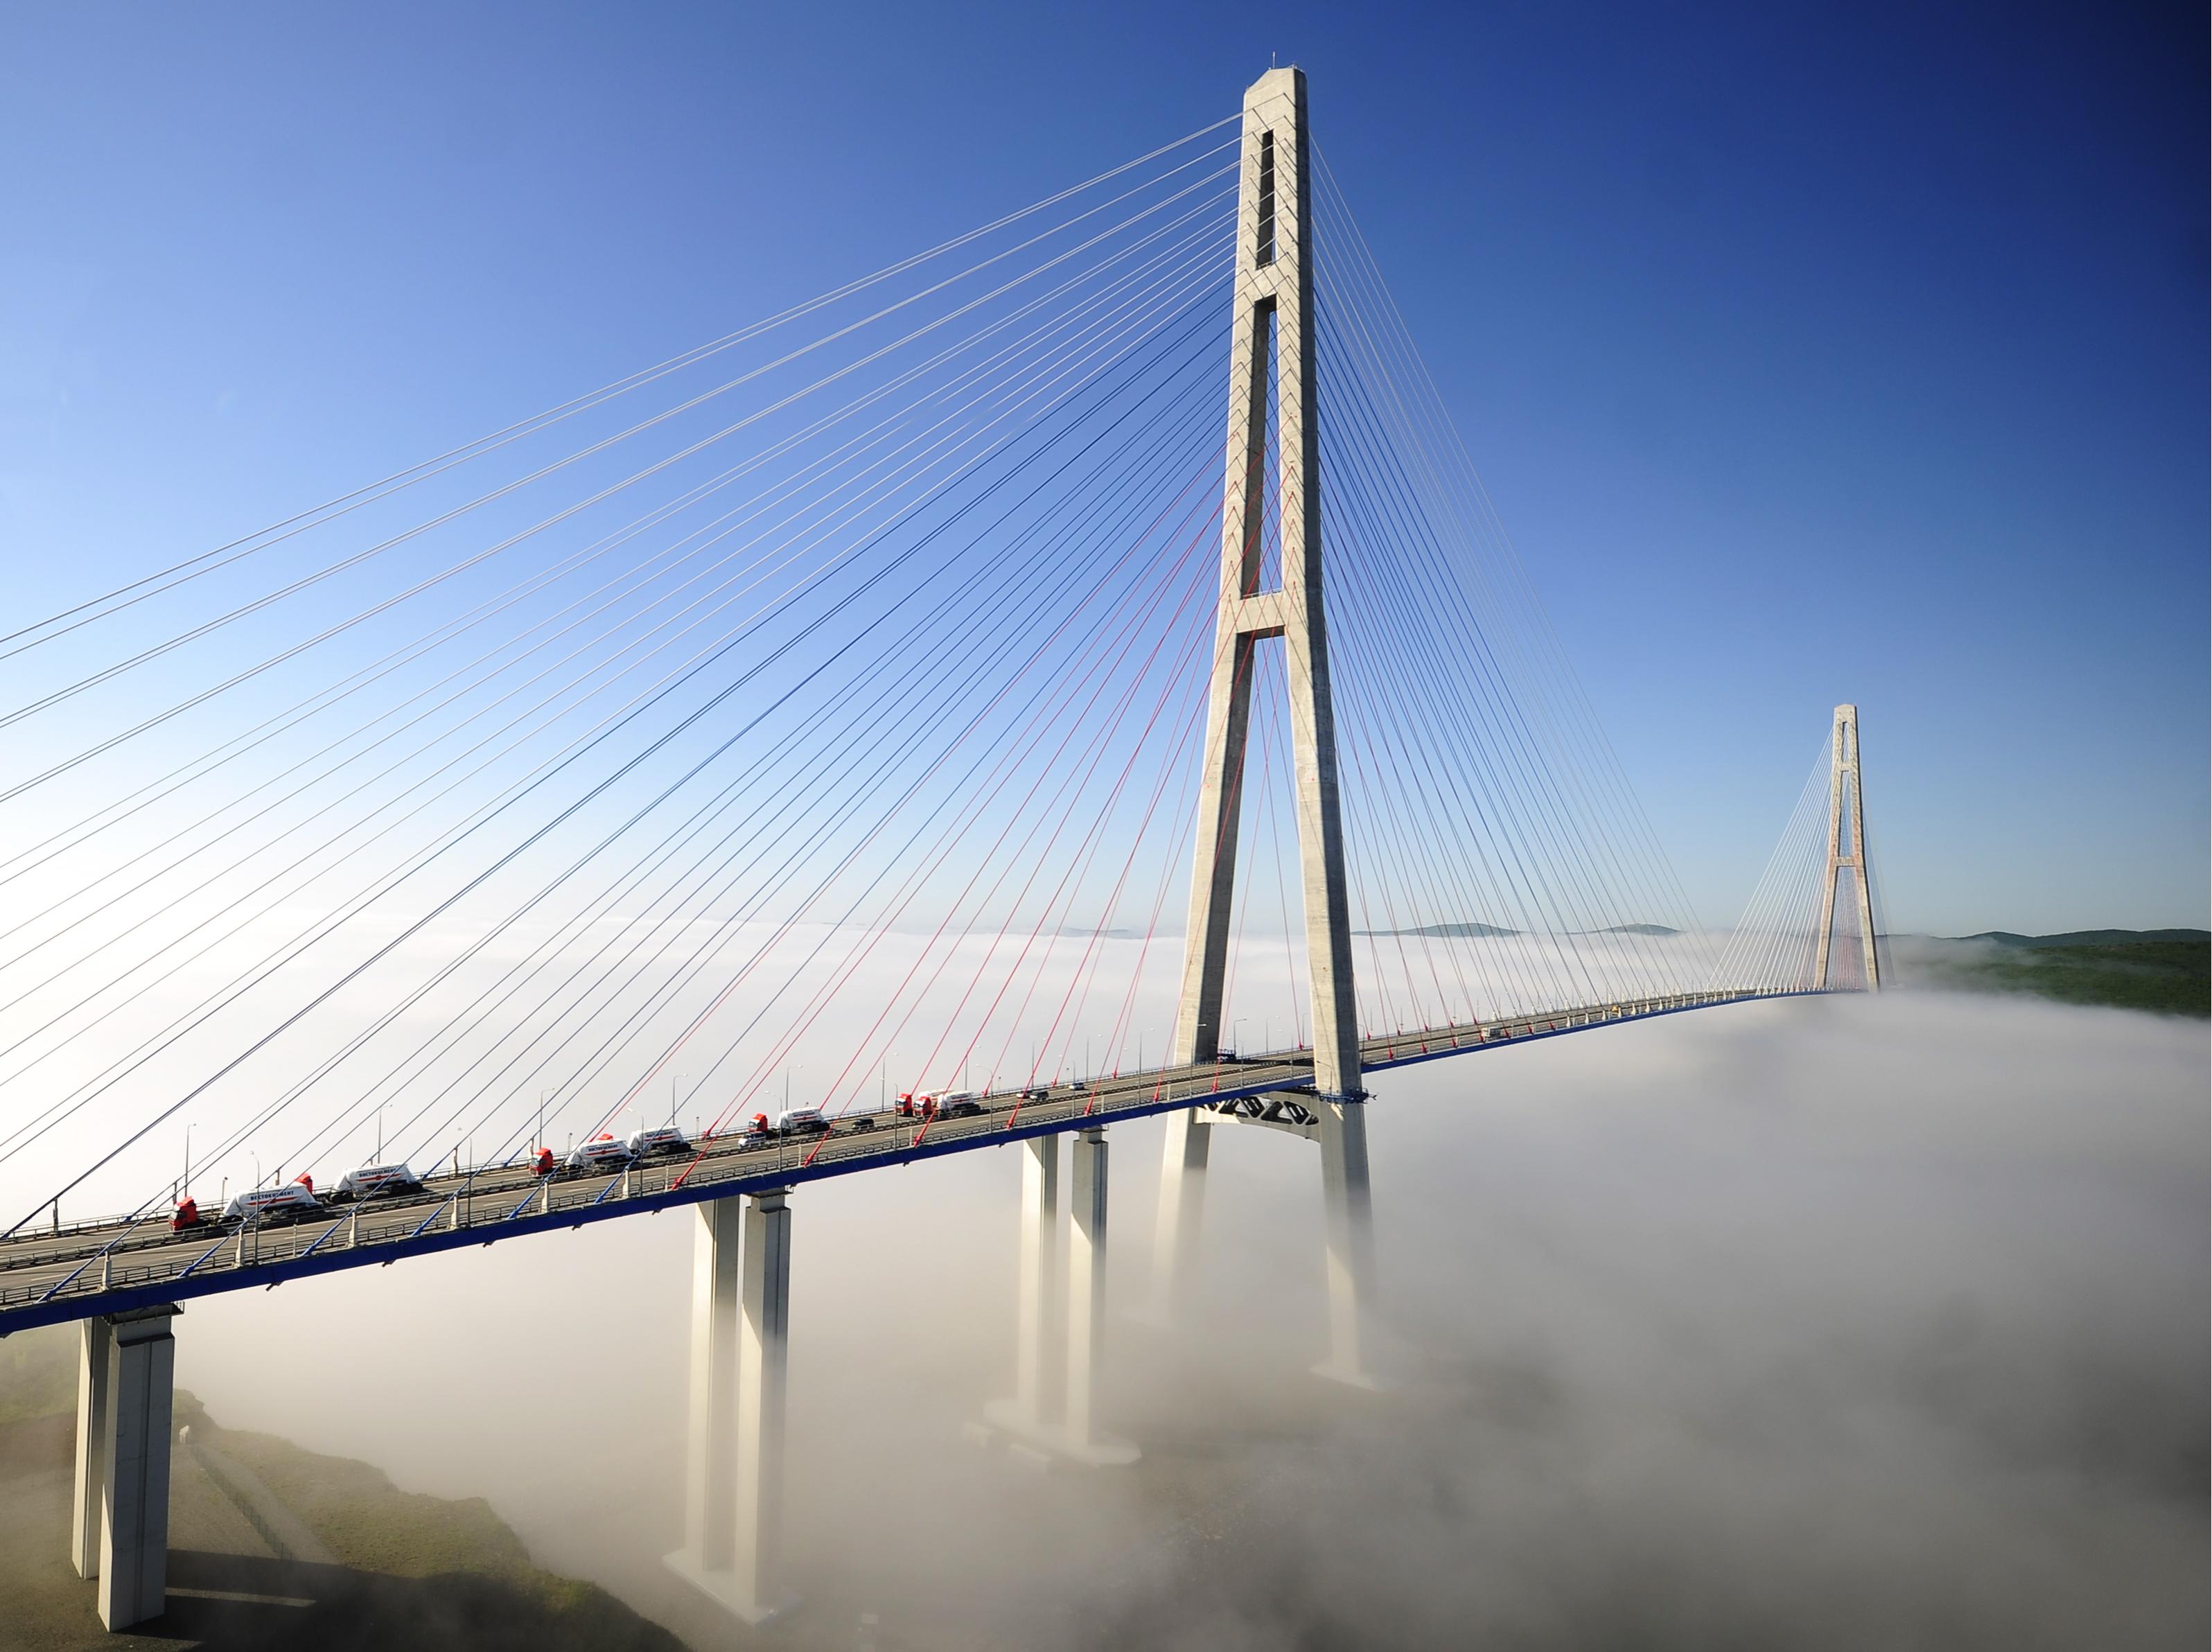 През юли Владивосток крие своите красиви мостове в мъгла, по-непрогледна и от лондонската.